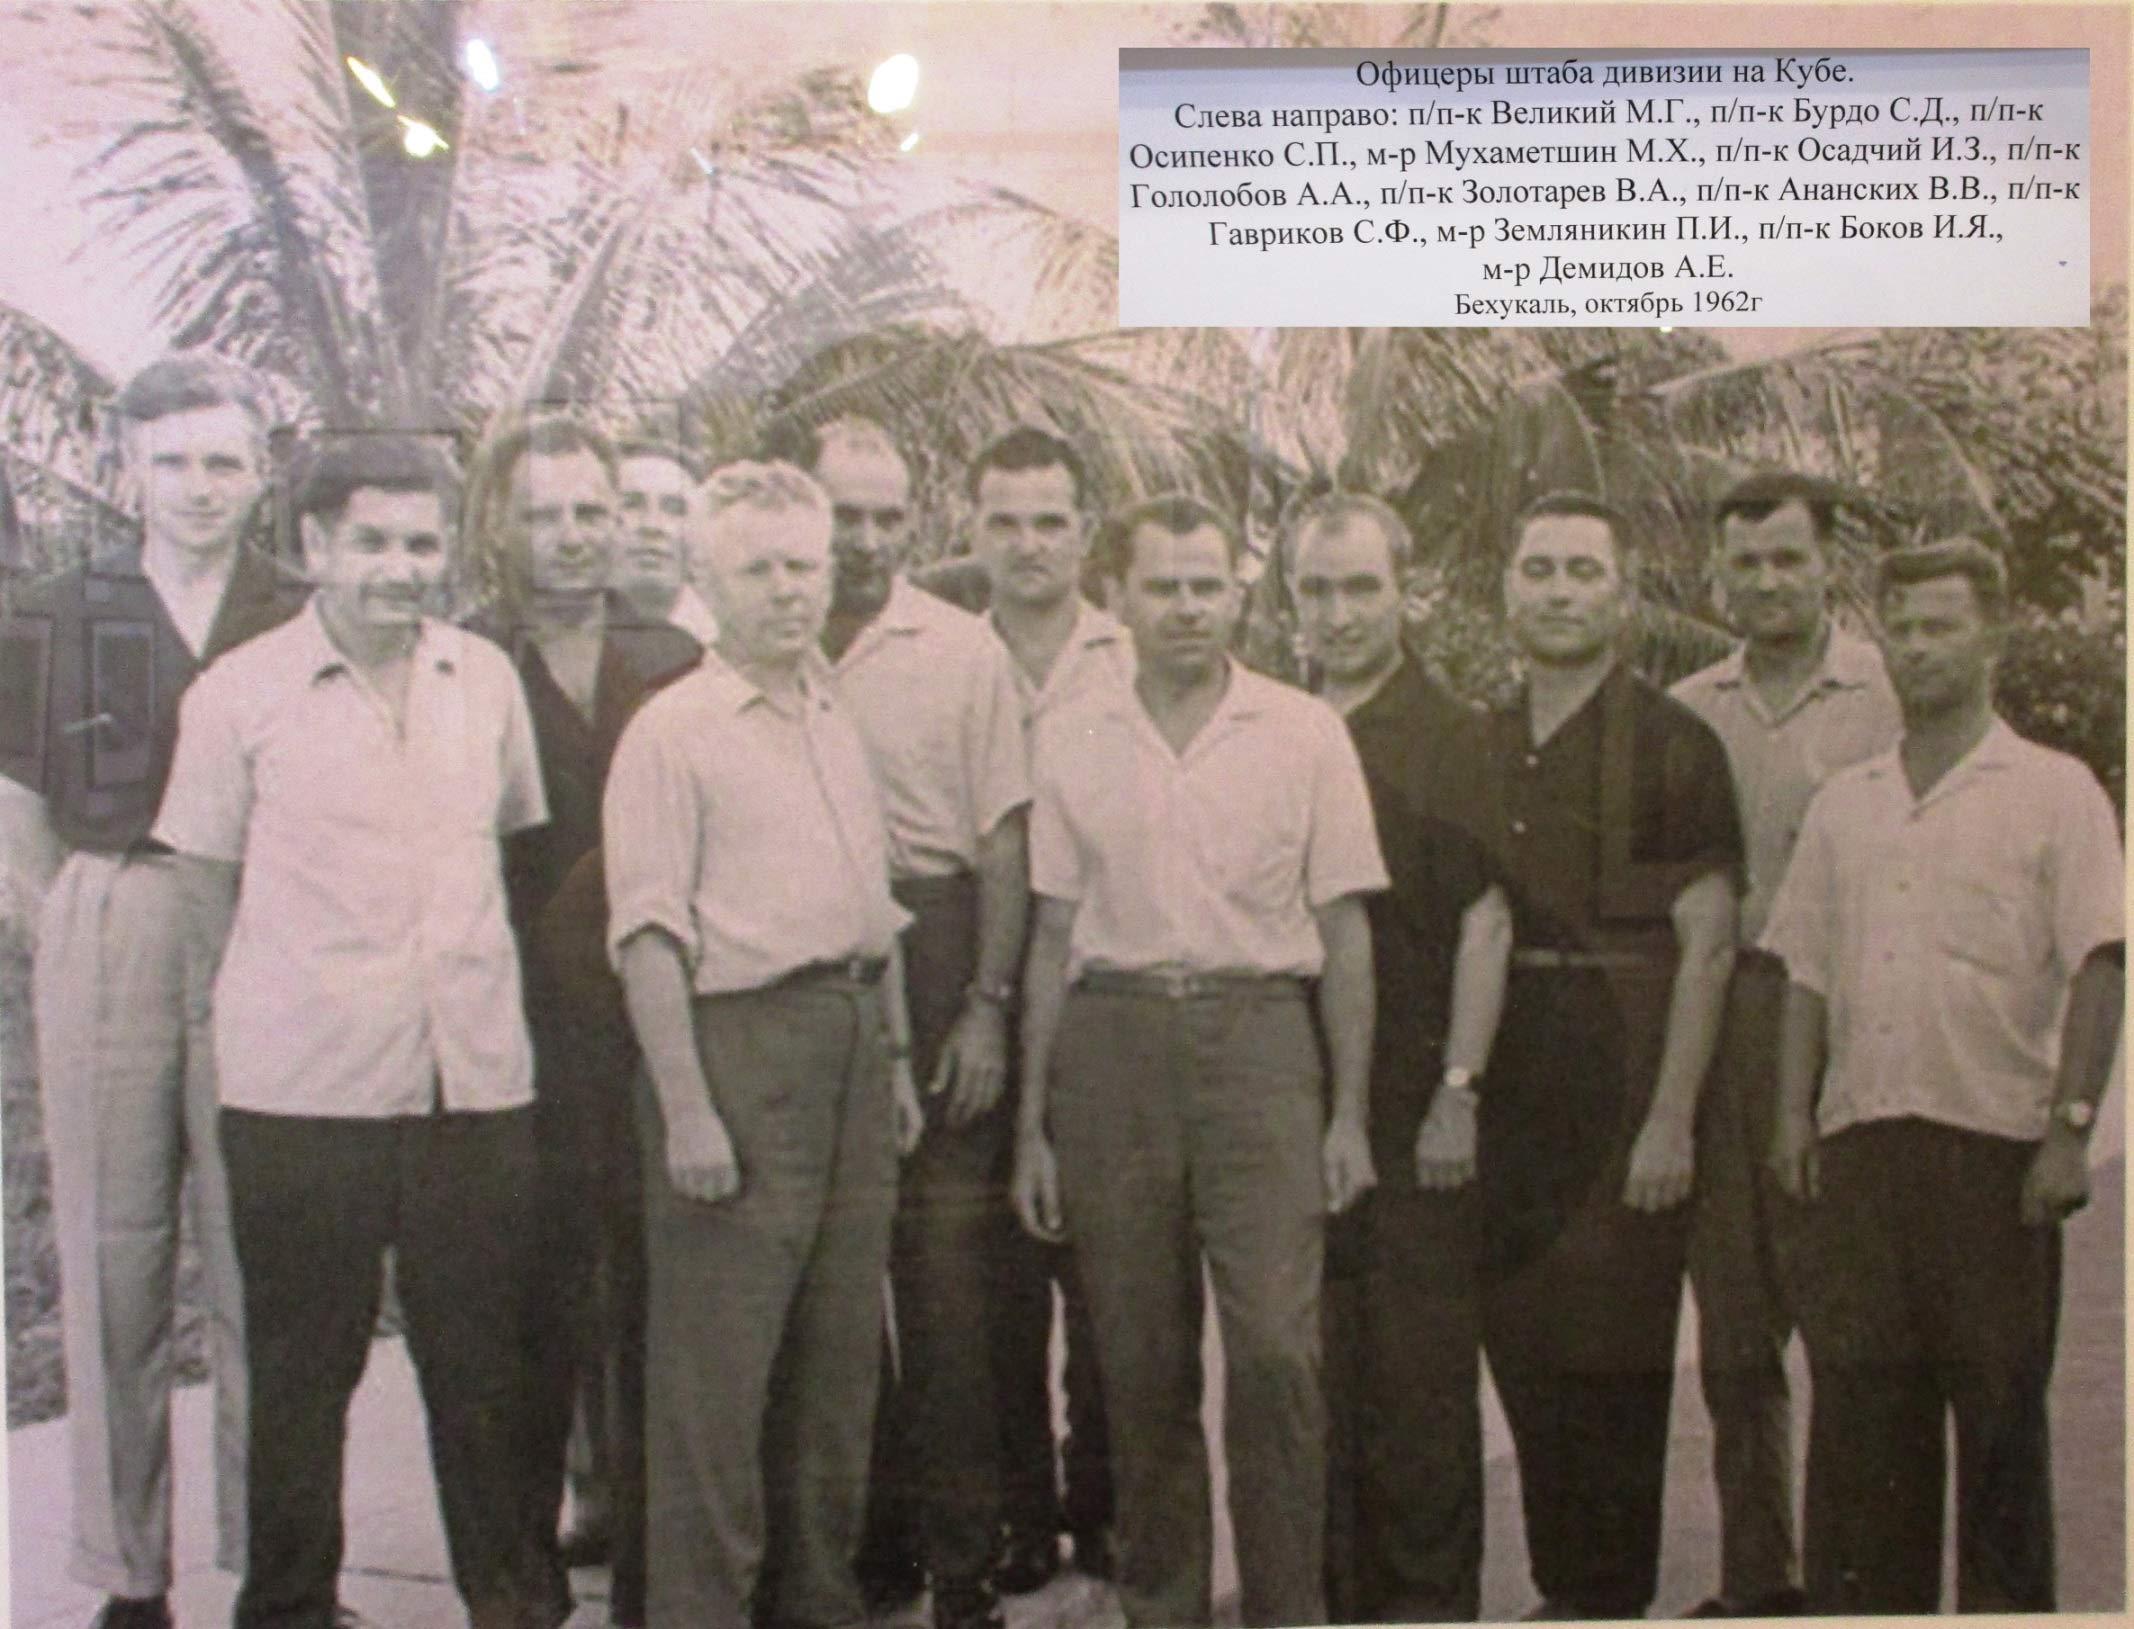 2016-10-27. Офицеры штаба дивизии на Кубе